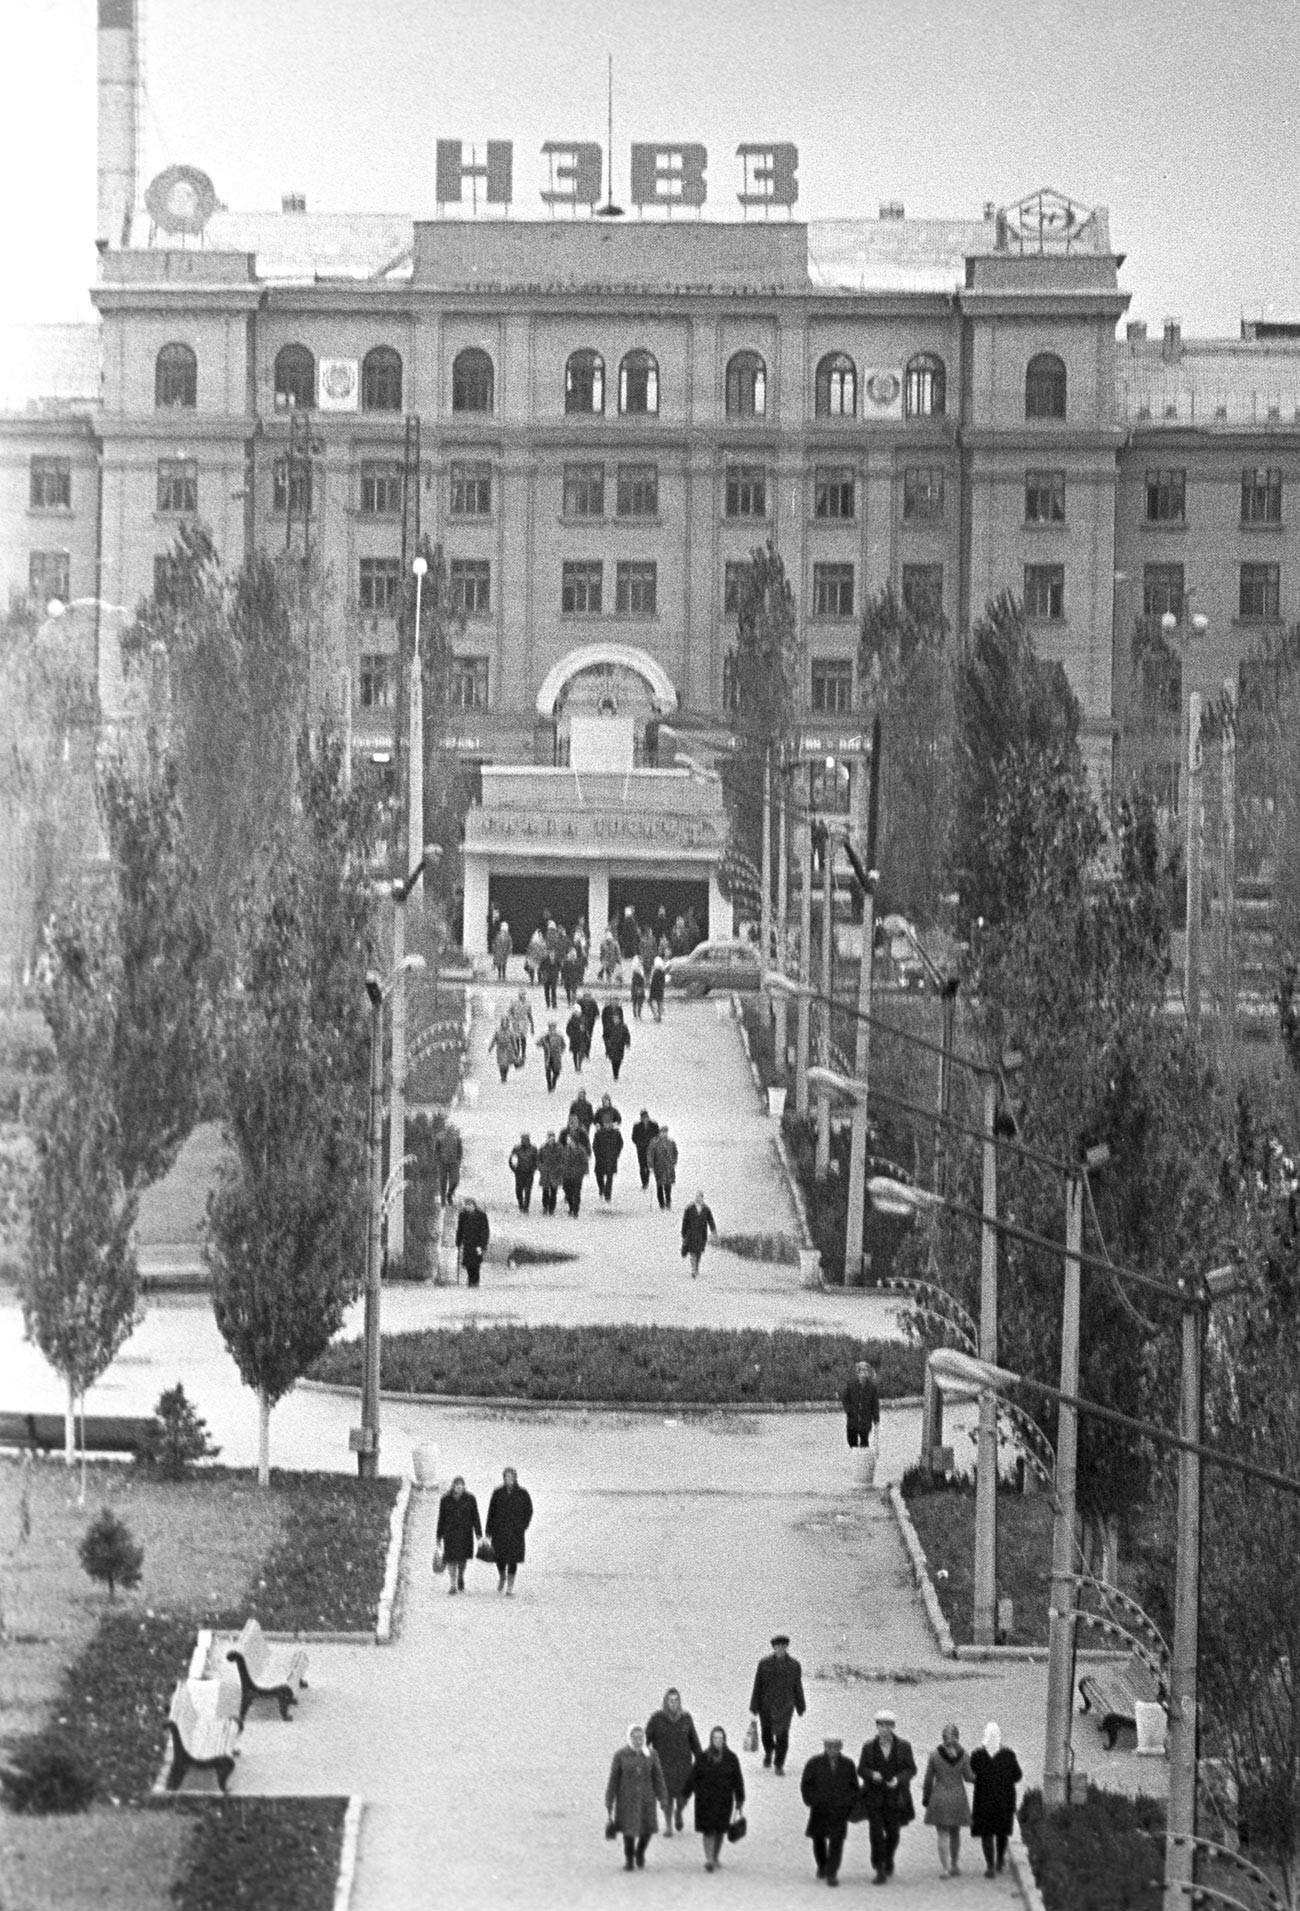 Edifício principal da Fábrica de Construção de Locomotivas Elétricas de Novotcherkassk, e parque onde iniciou o tumulto